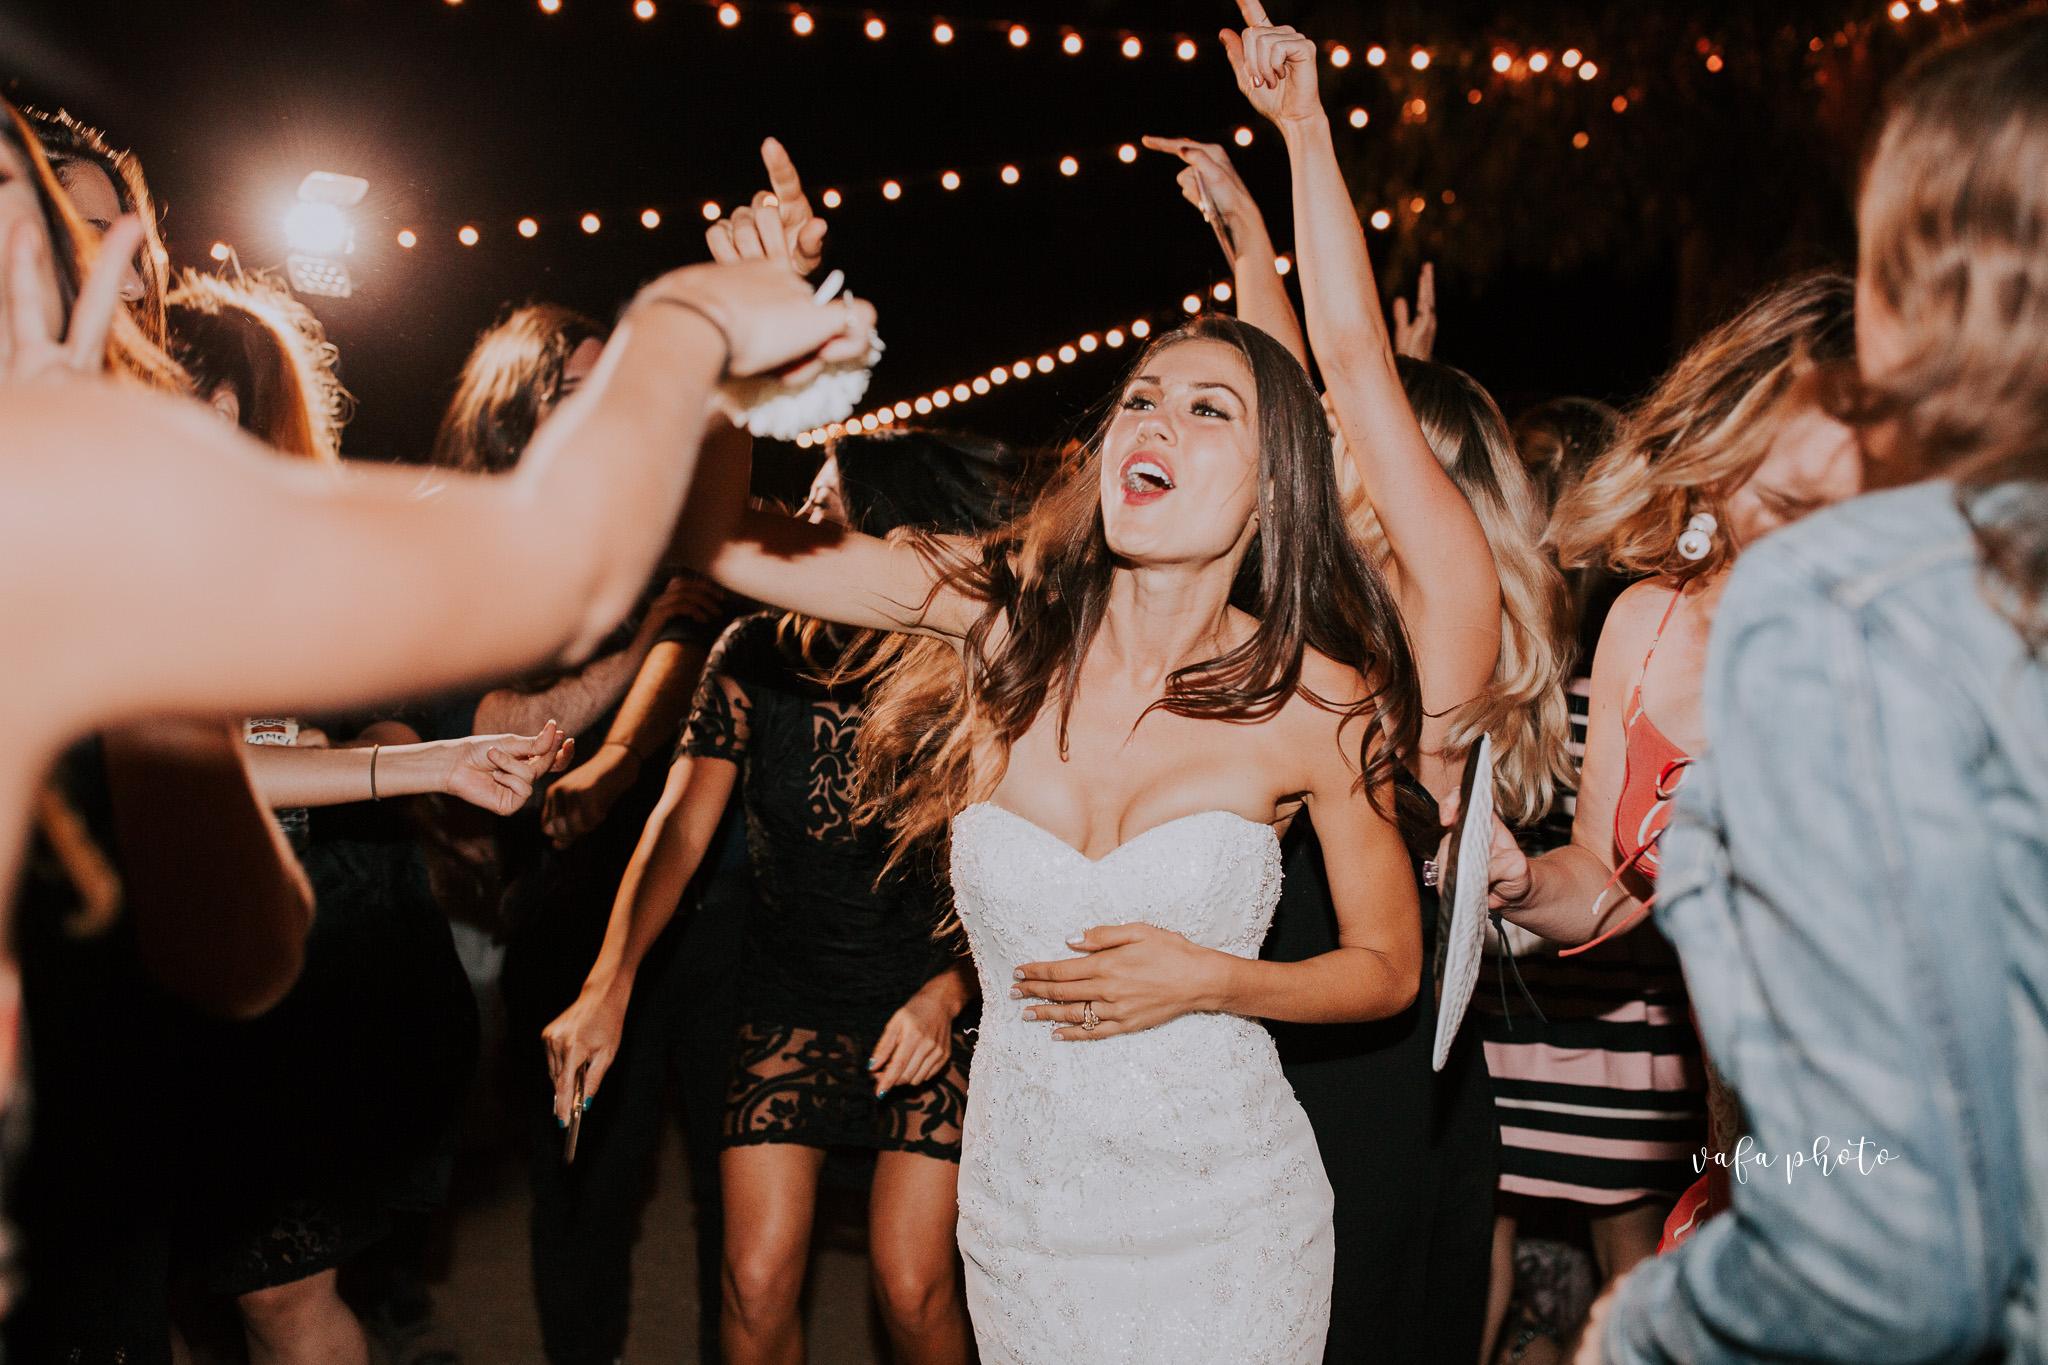 Southern-California-Wedding-Britt-Nilsson-Jeremy-Byrne-Vafa-Photo-989.jpg